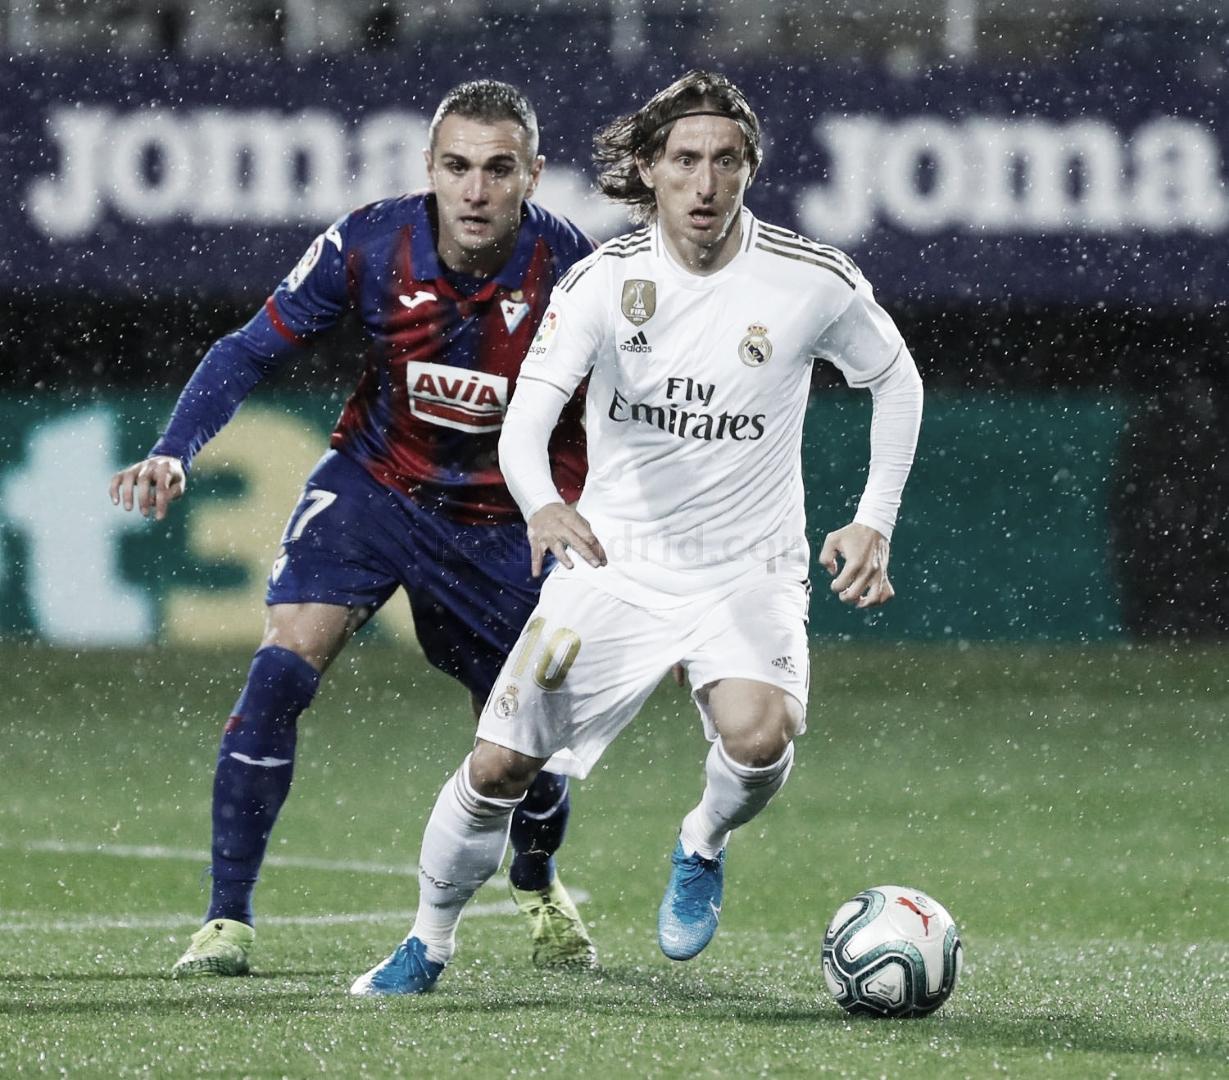 Real Madrid - Eibar, un balance muy poco balanceado